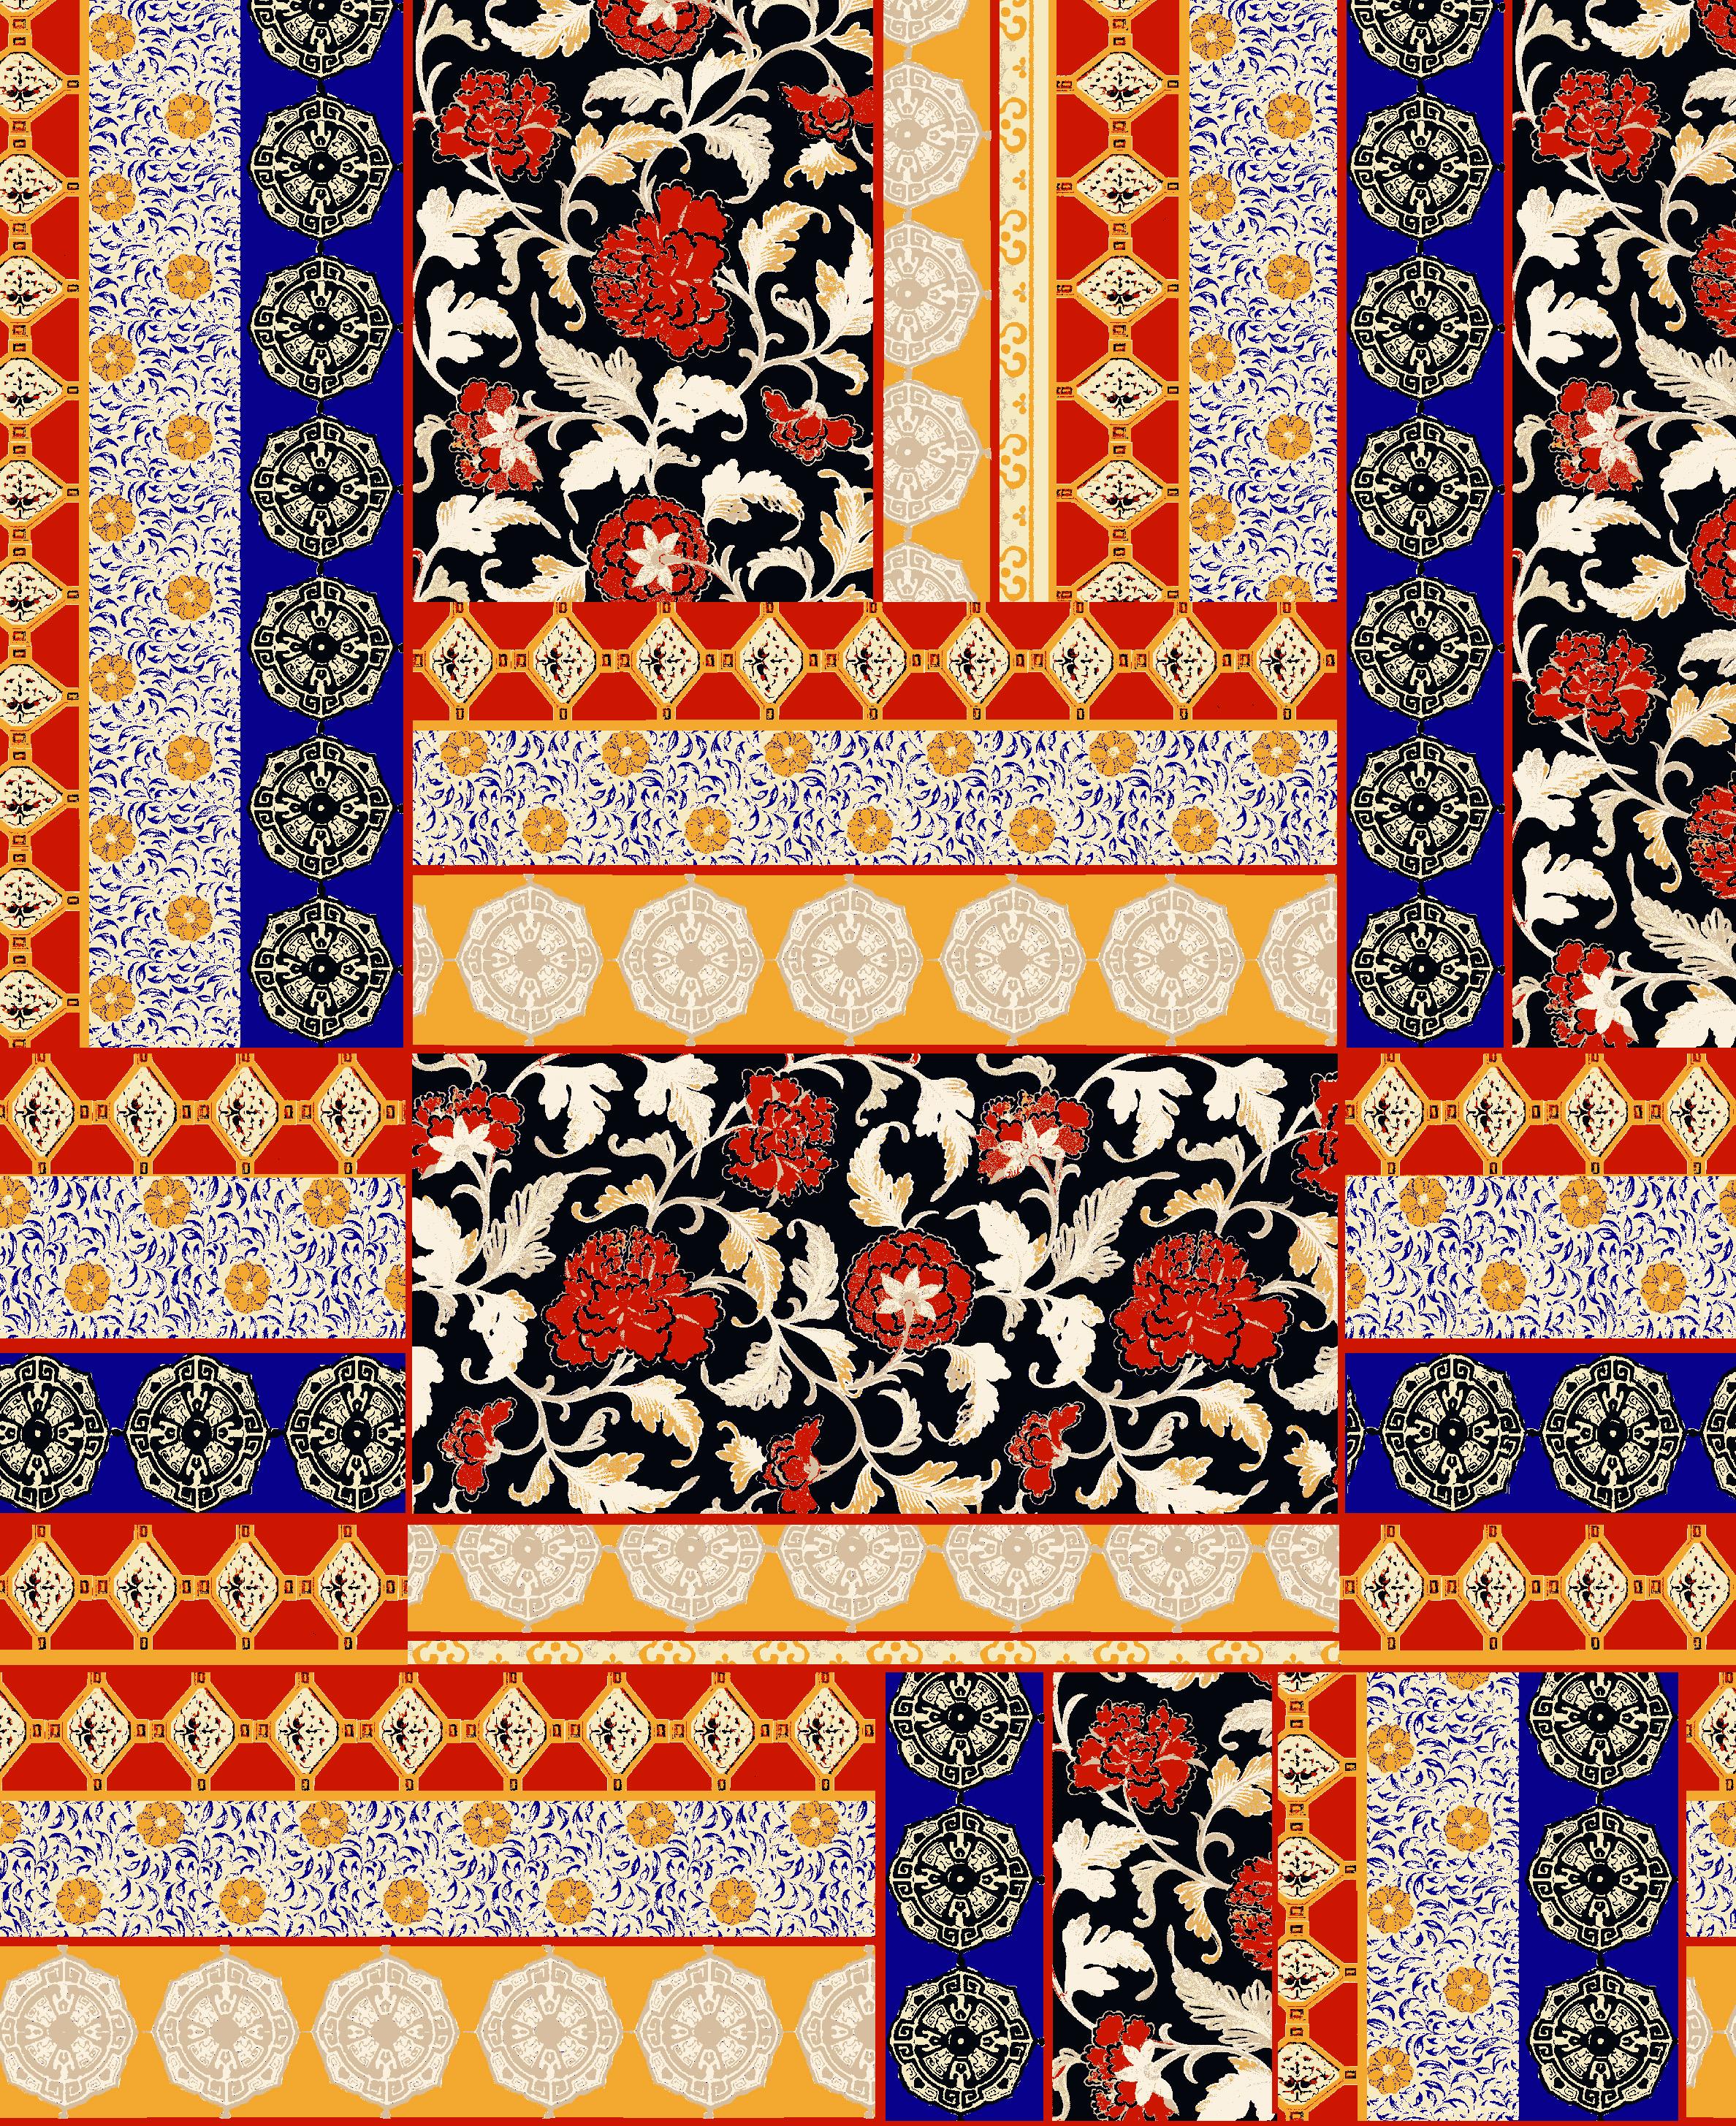 730 r meadowdress 35r923y449m fabric 923 457dsd.jpg